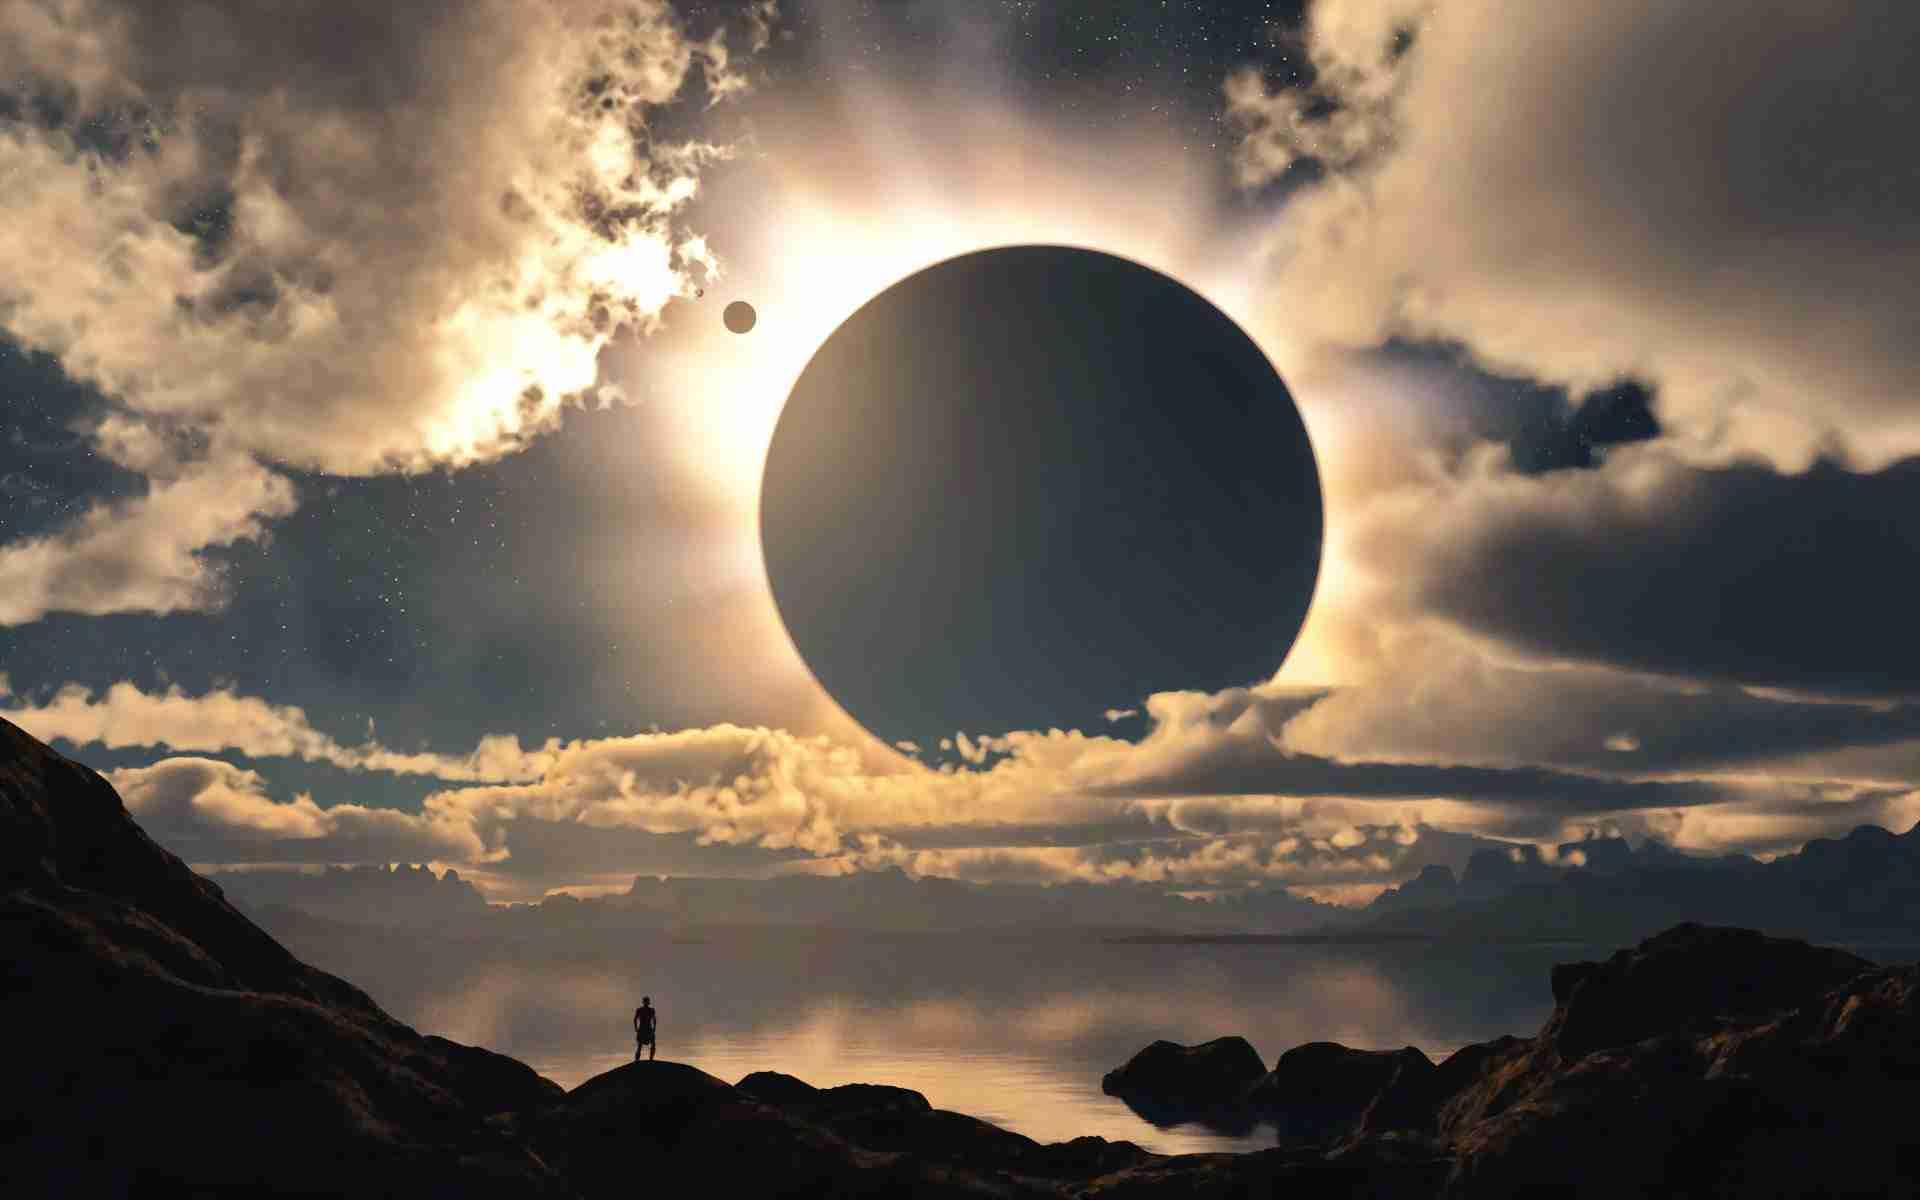 Солнечное затмение 2 июля 2019 года: как влияет на человека, какие ритуалы нужно проводить